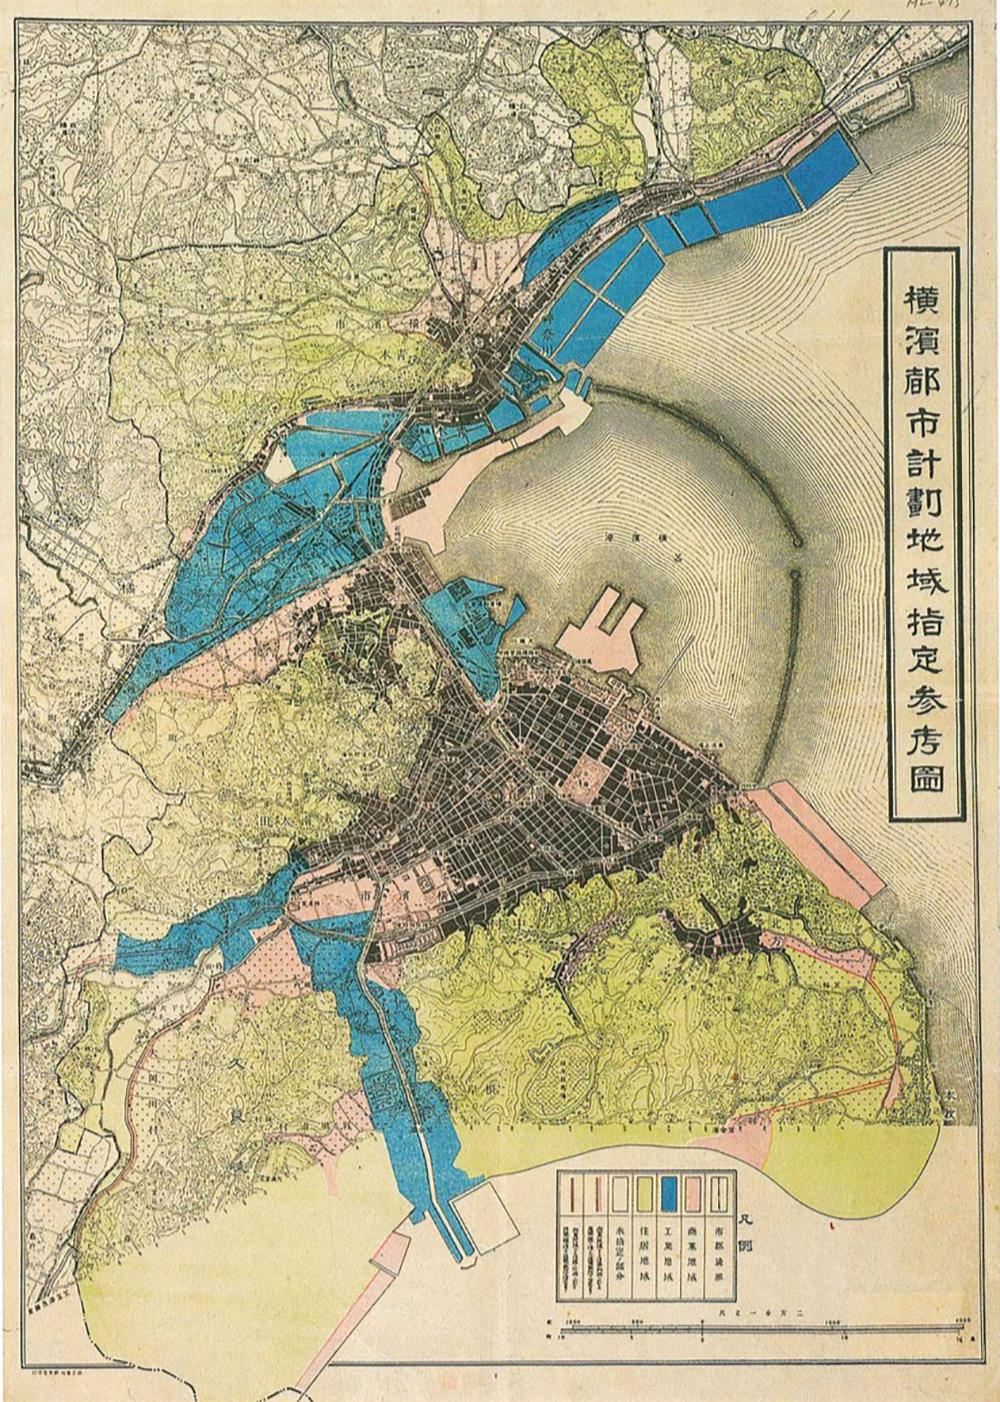 「横浜都市計画地域指定参考図」(横浜市中央図書館所蔵)